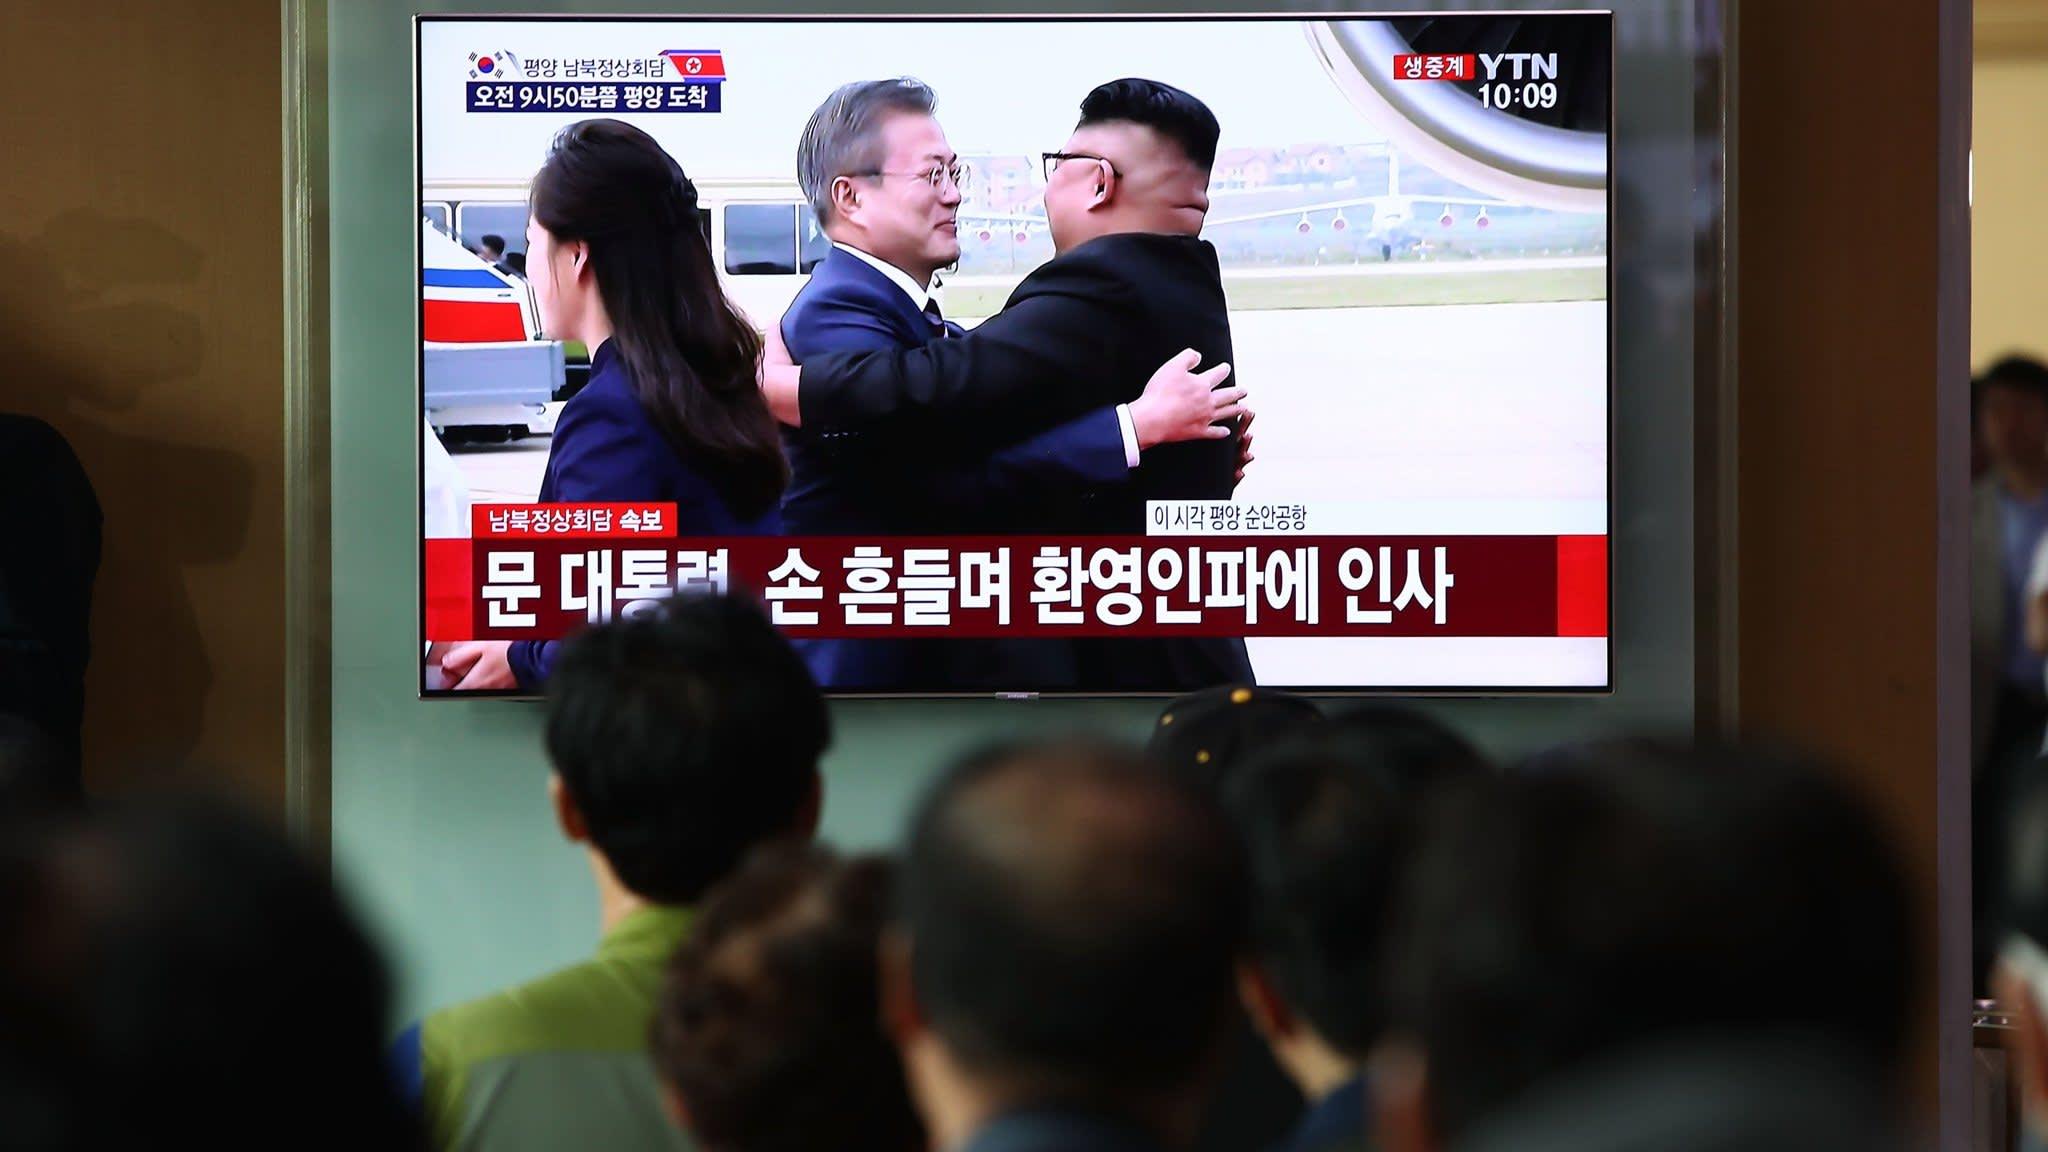 Korean leaders start three-day Pyongyang summit